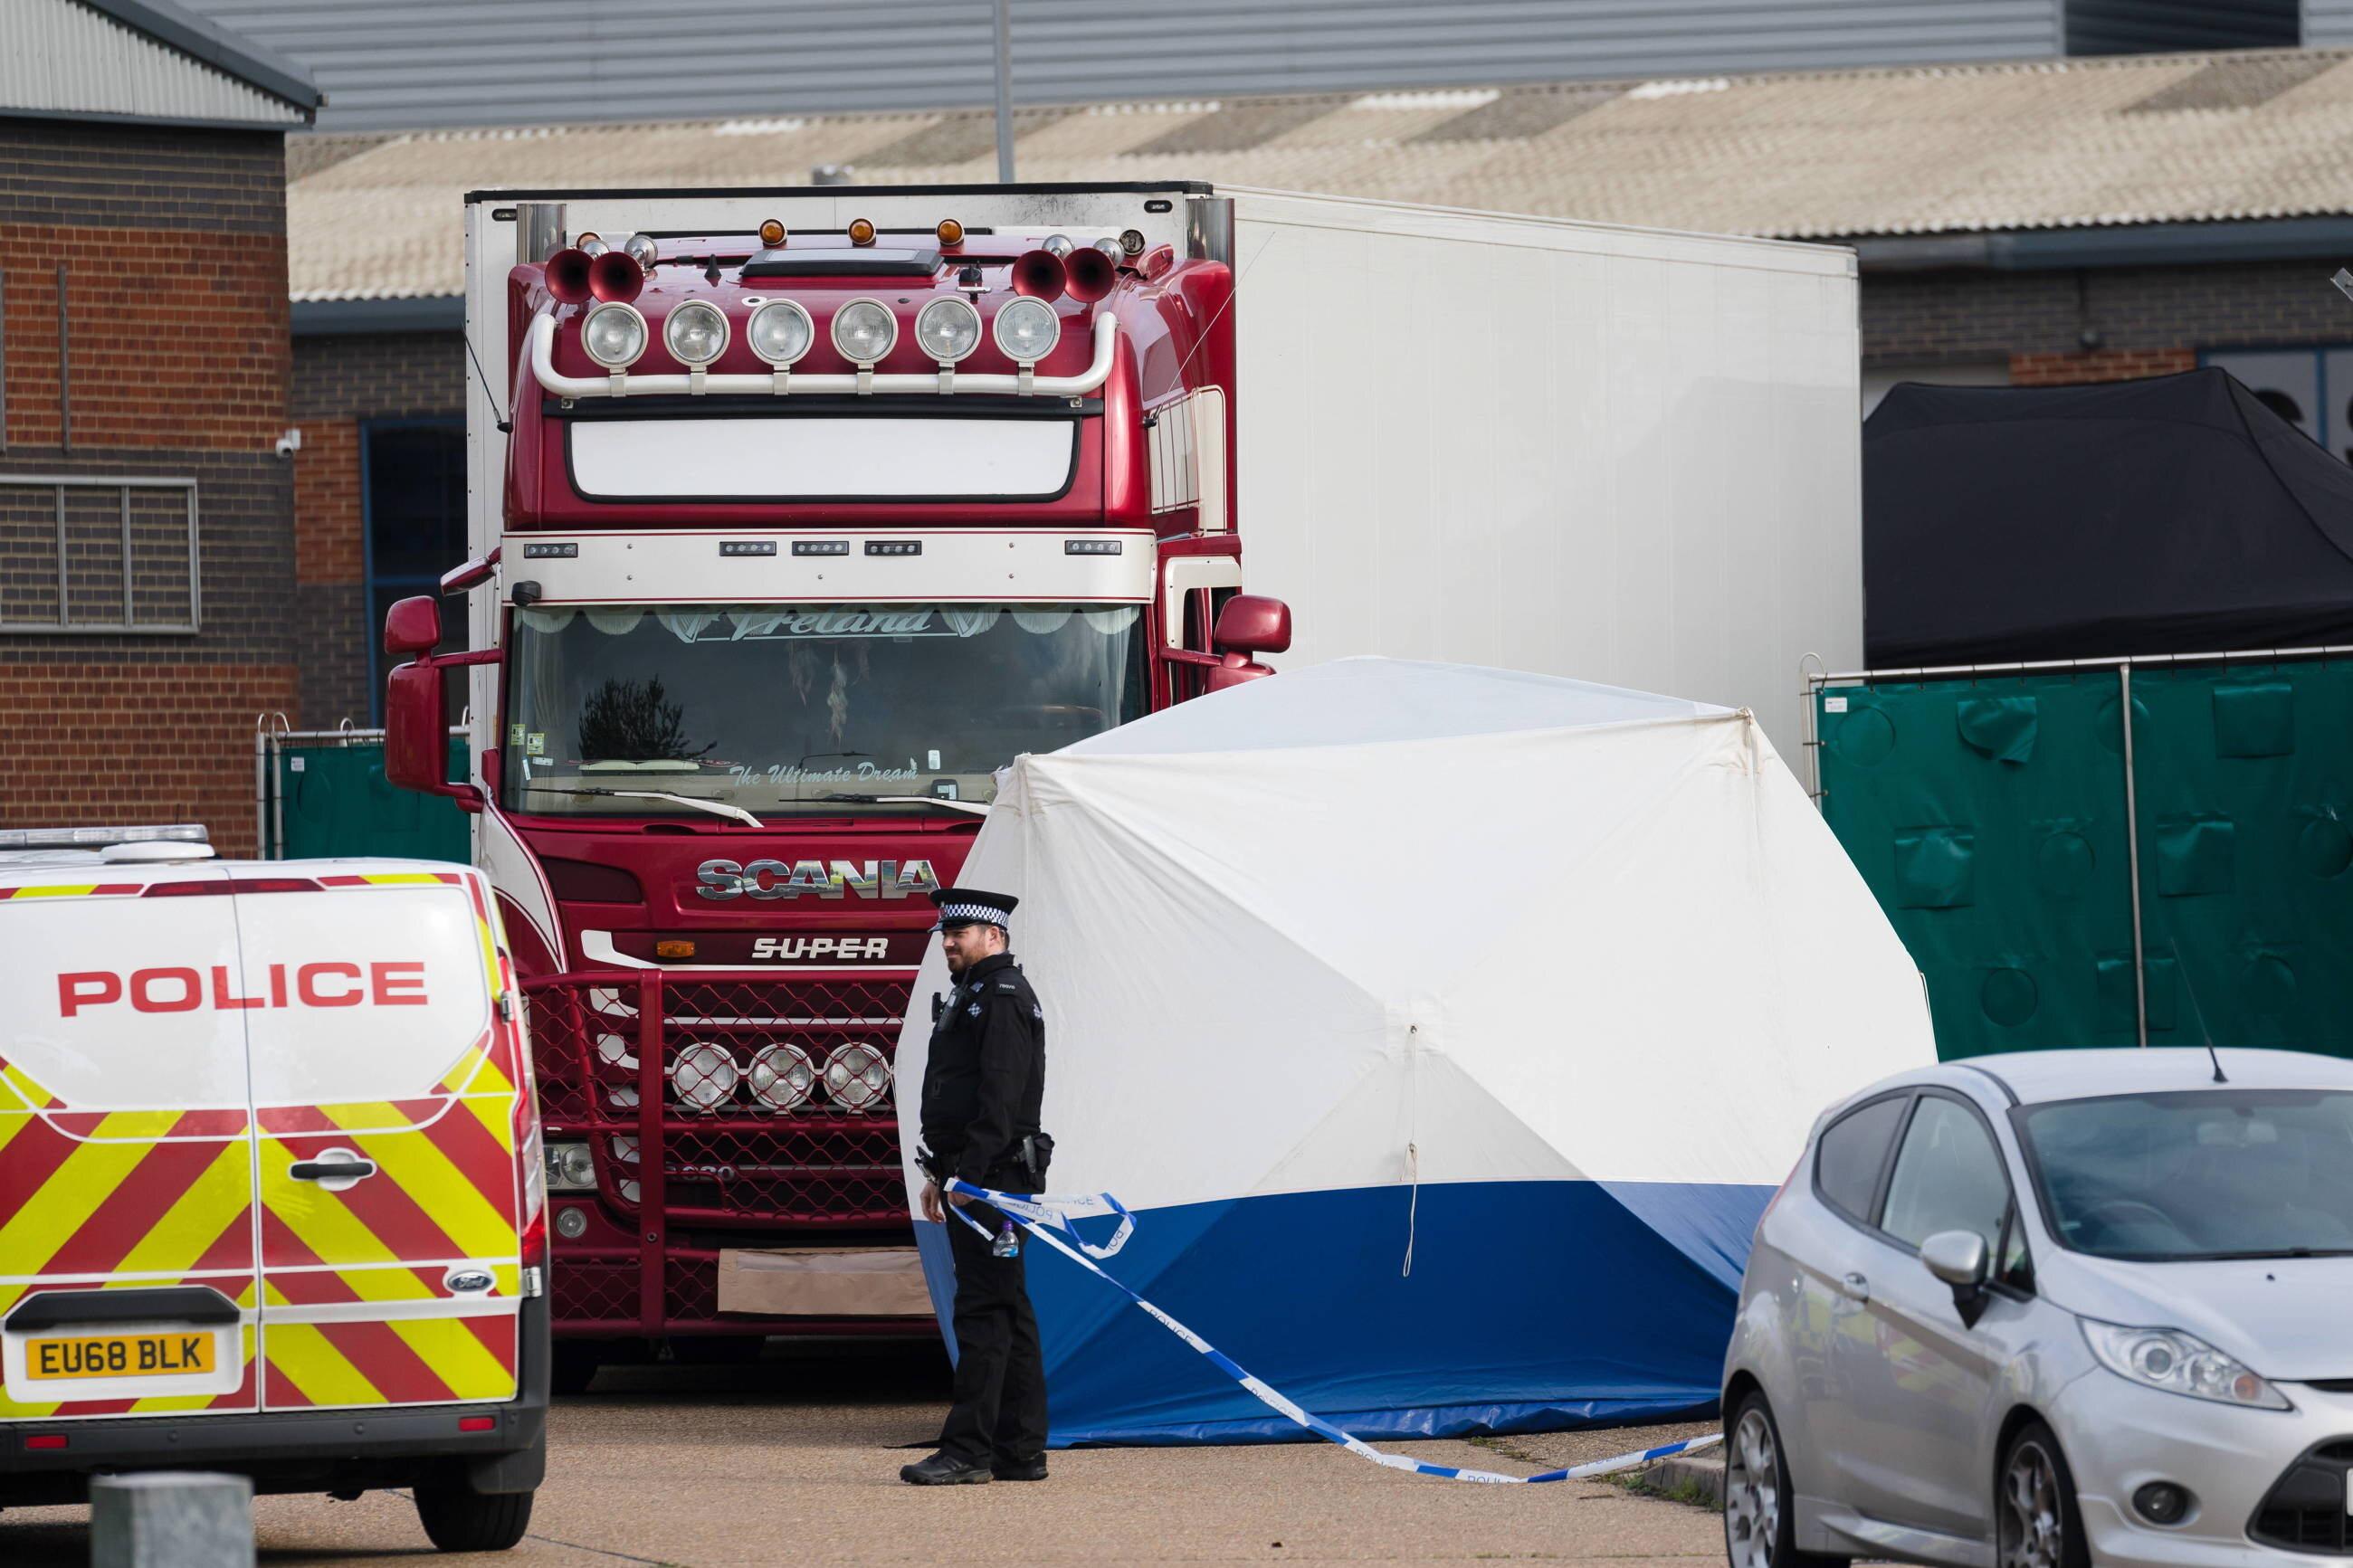 39 osób, których ciała znaleziono w naczepie ciężarówki w południowo-wschodniej Anglii, było obywatelami Chin.